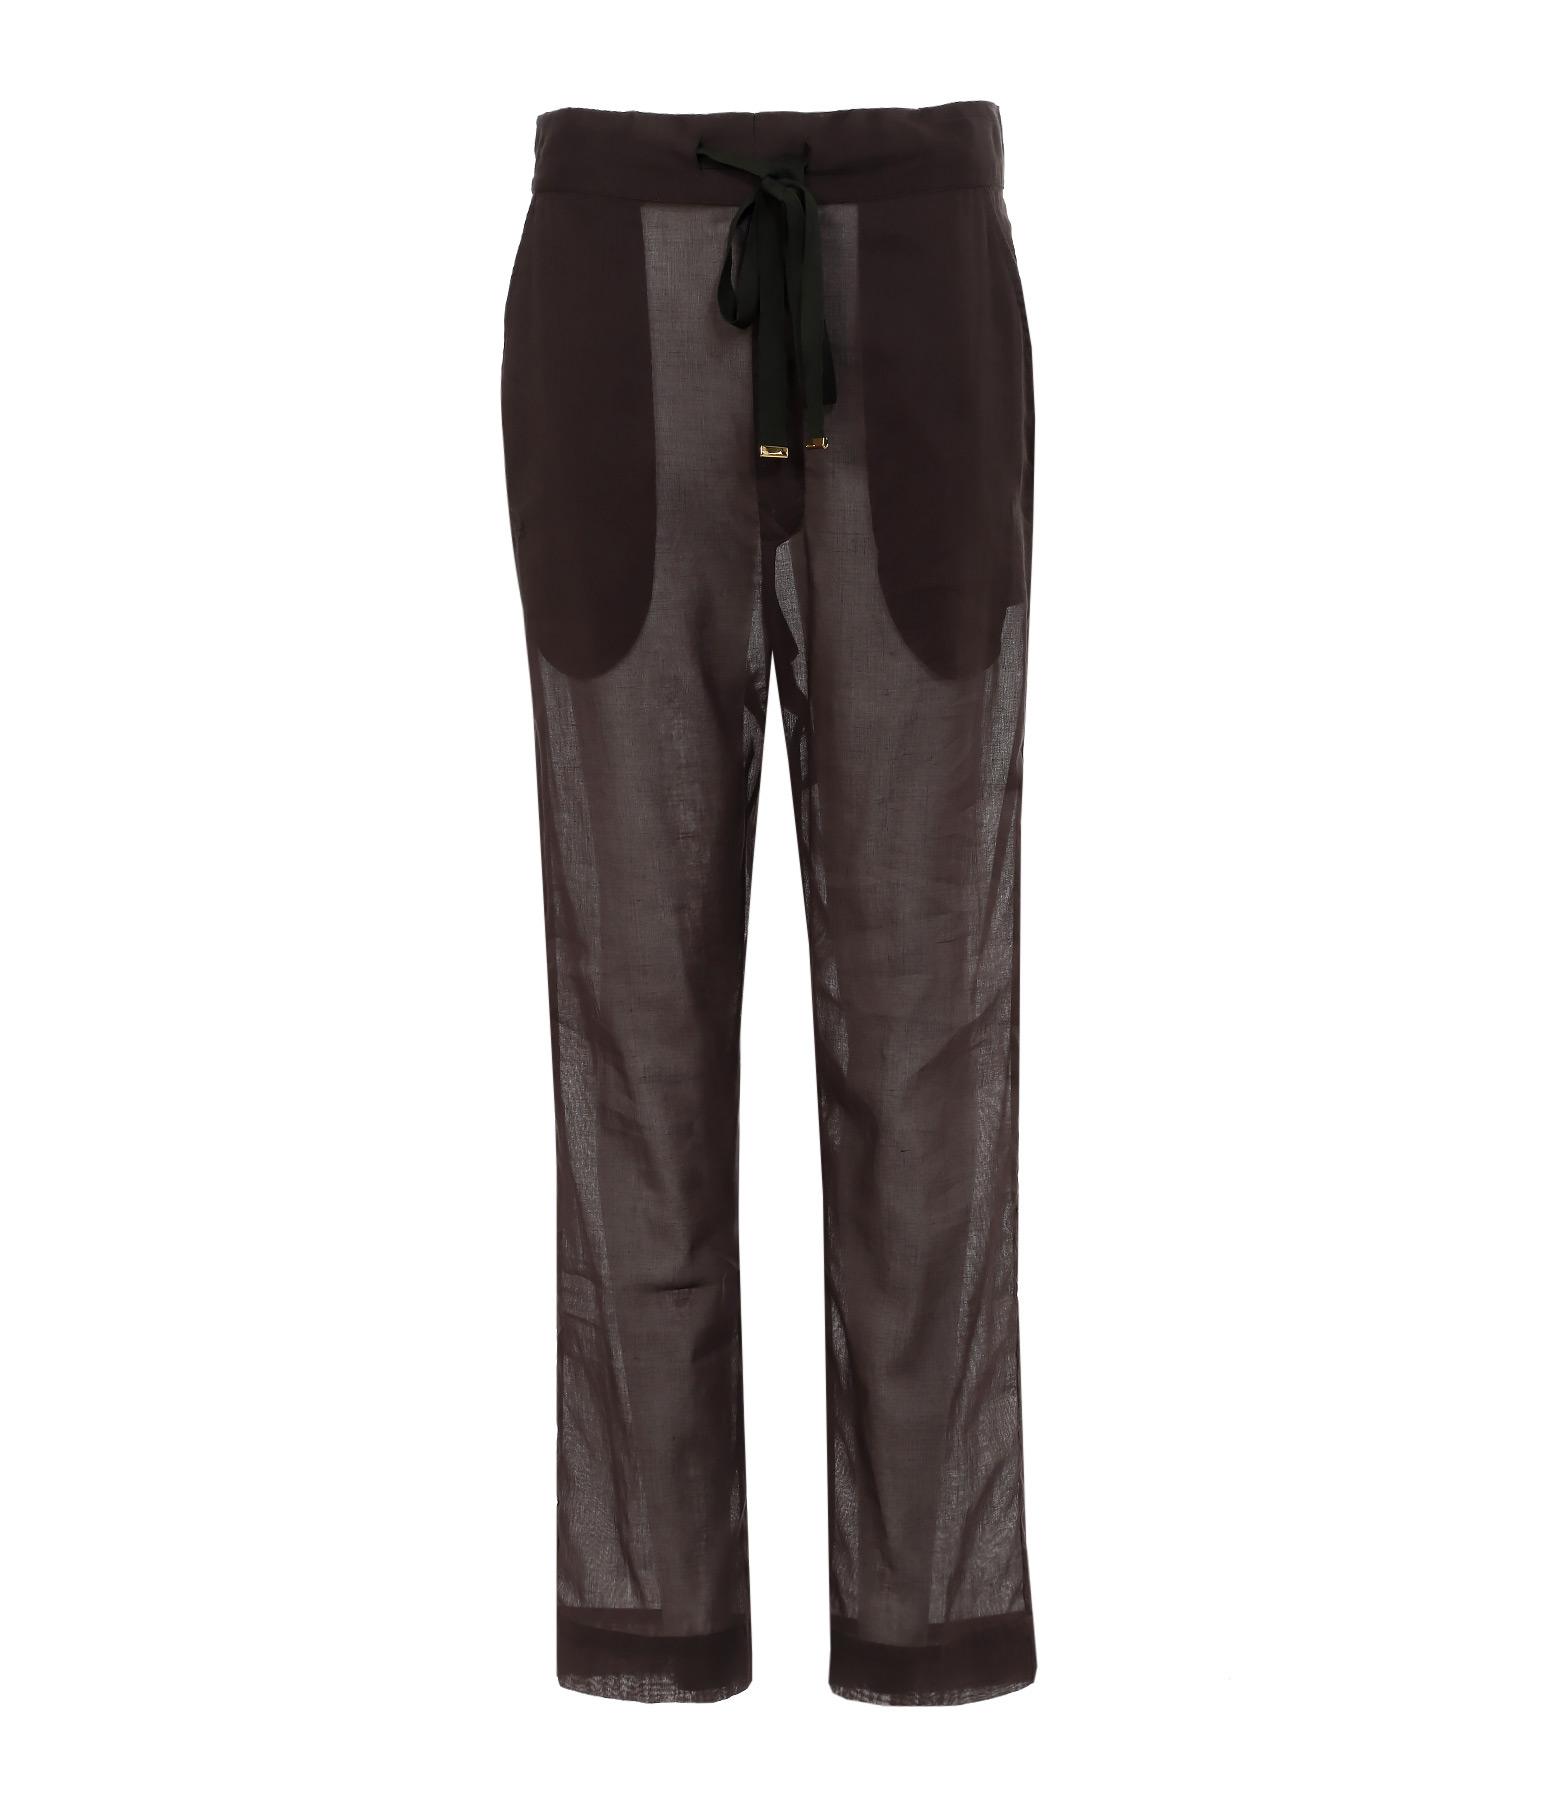 Pantalon Chairman Coton Charcoal